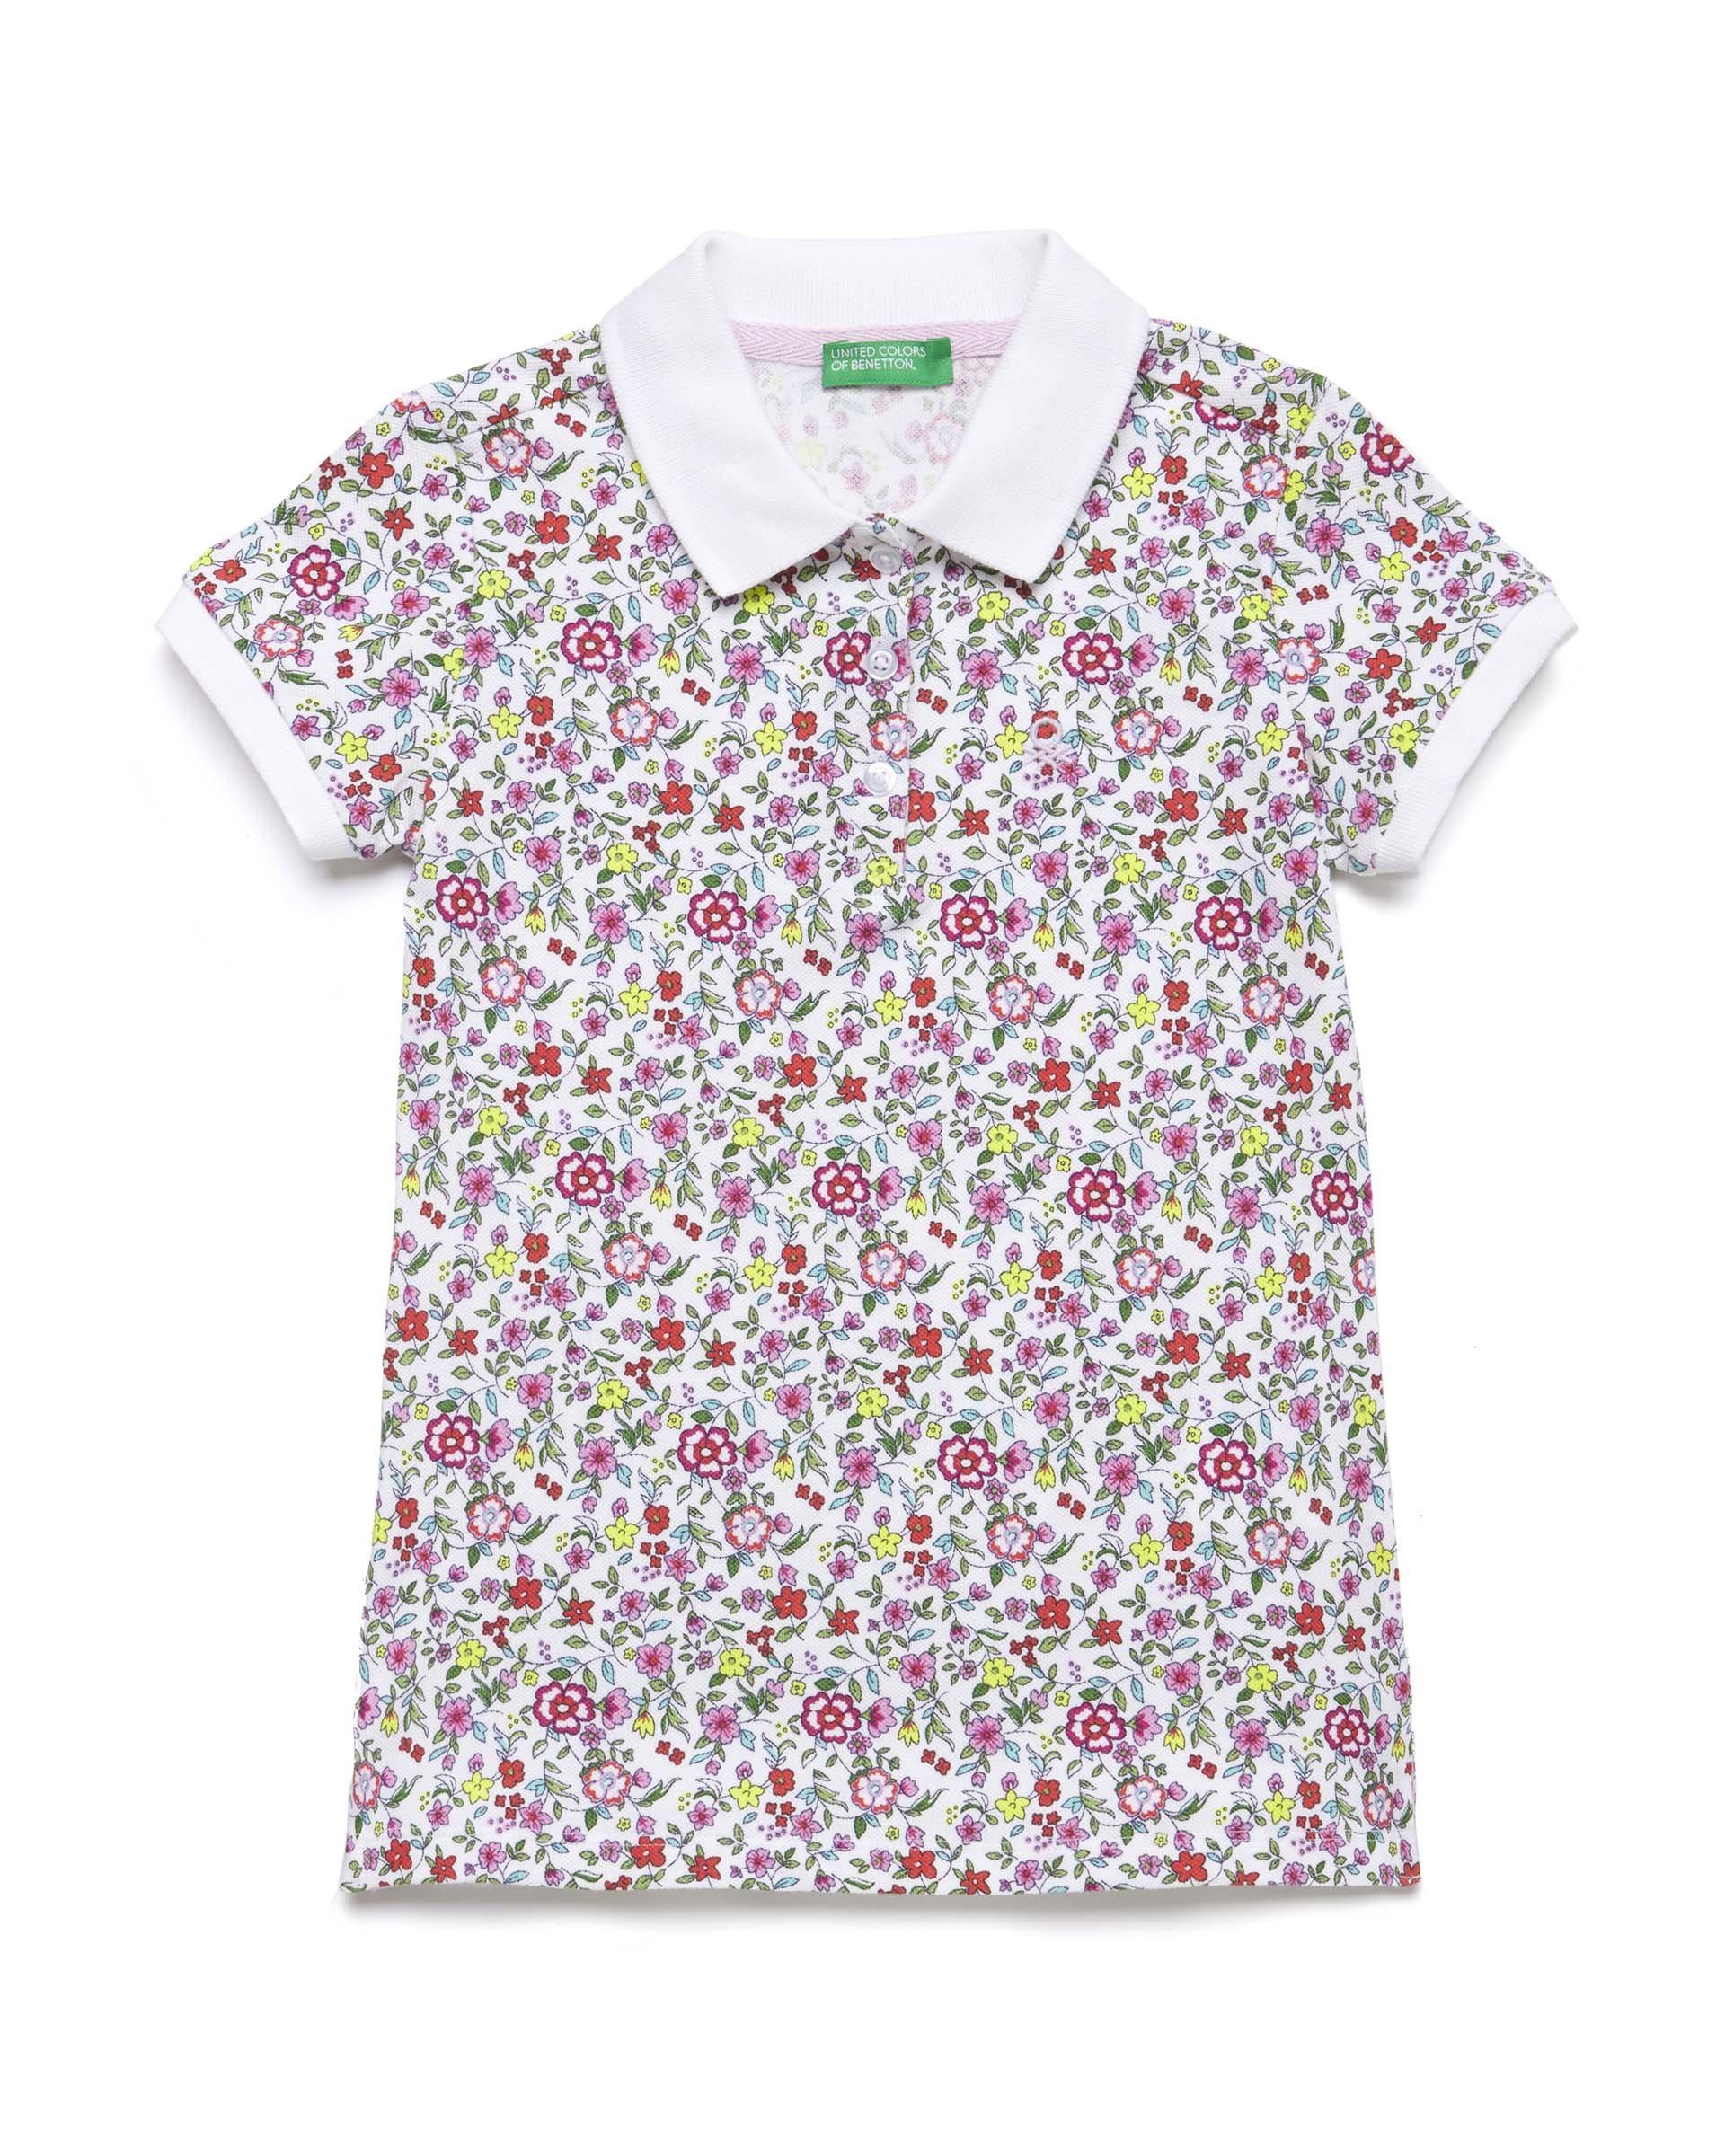 20P_3PK6C3126_69K, Поло-пике для девочек Benetton 3PK6C3126_69K р-р 122, United Colors of Benetton, Детские футболки  - купить со скидкой